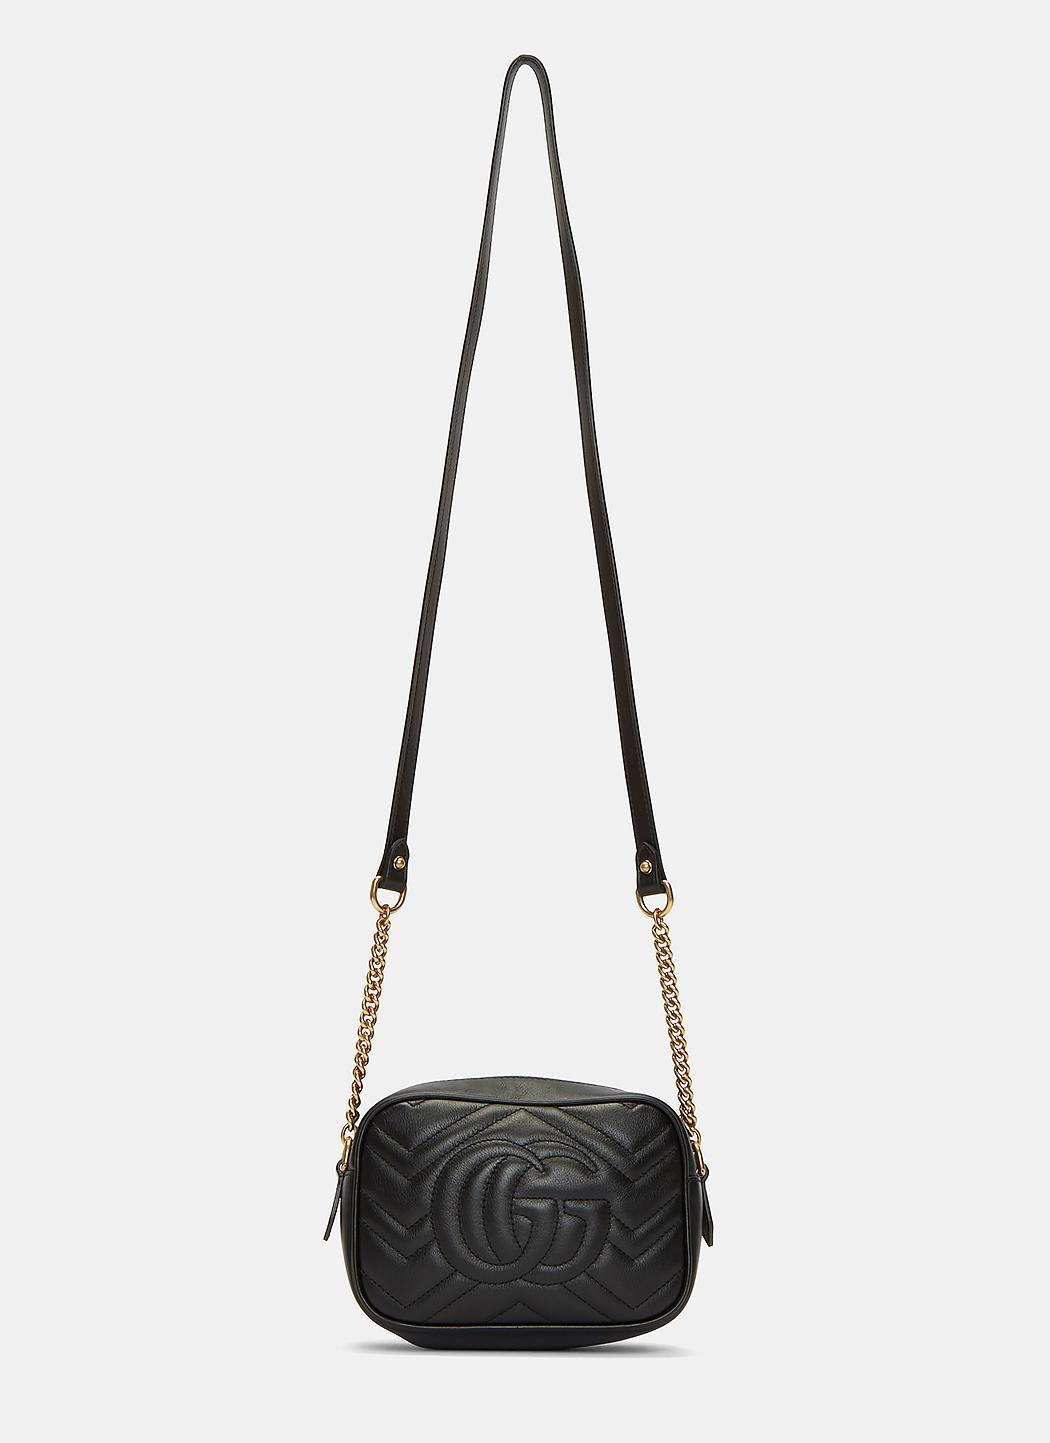 bc0e3786743 Lyst - Gucci Women s Gg Marmont Matelassé Mini Bag In Black in Black